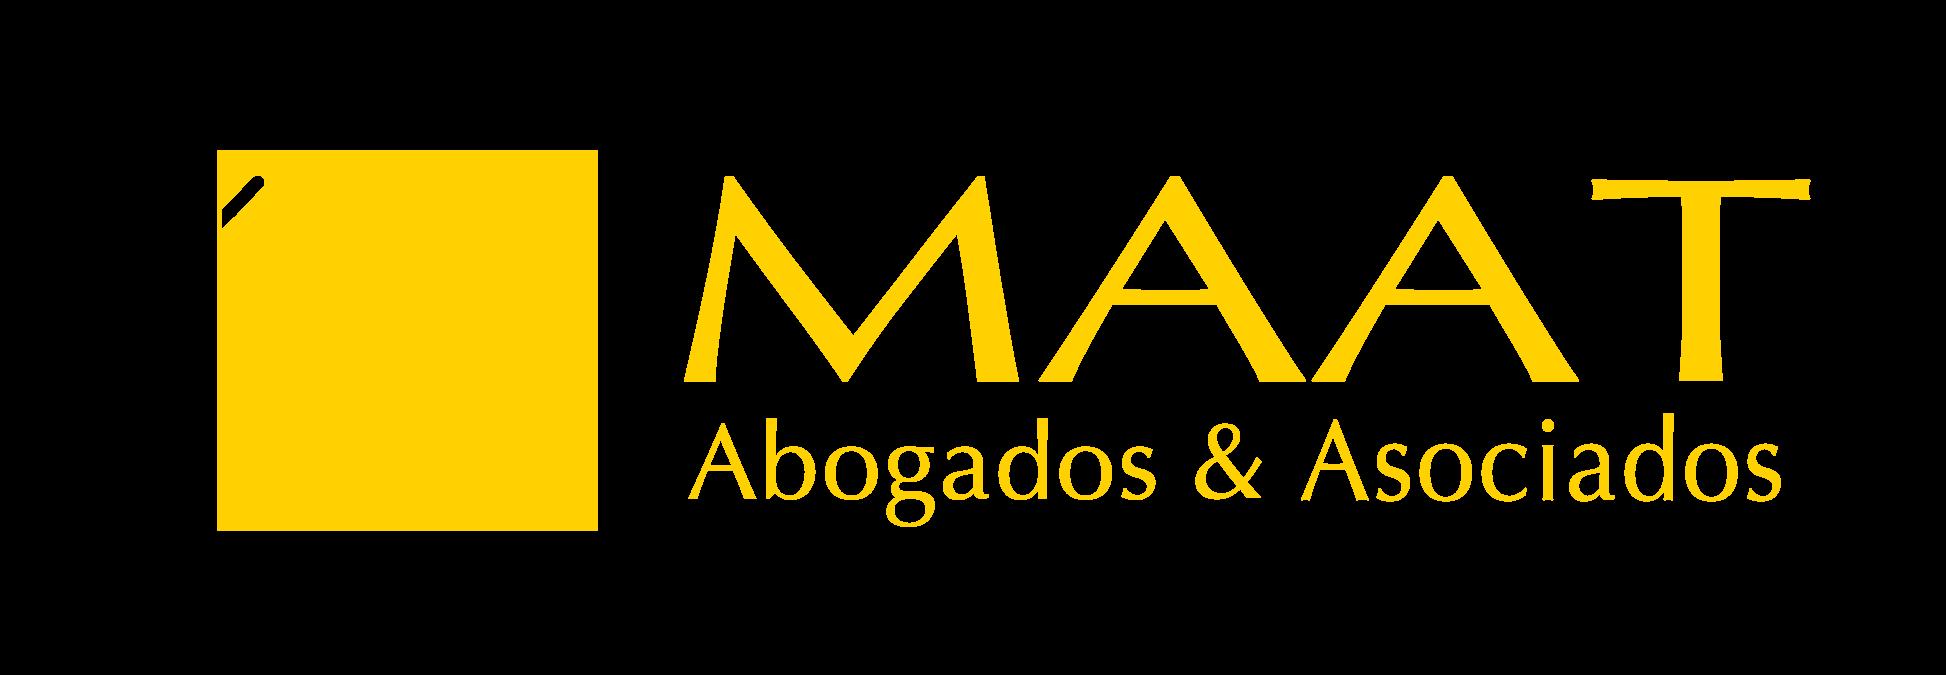 Maat – Abogados & Asociados